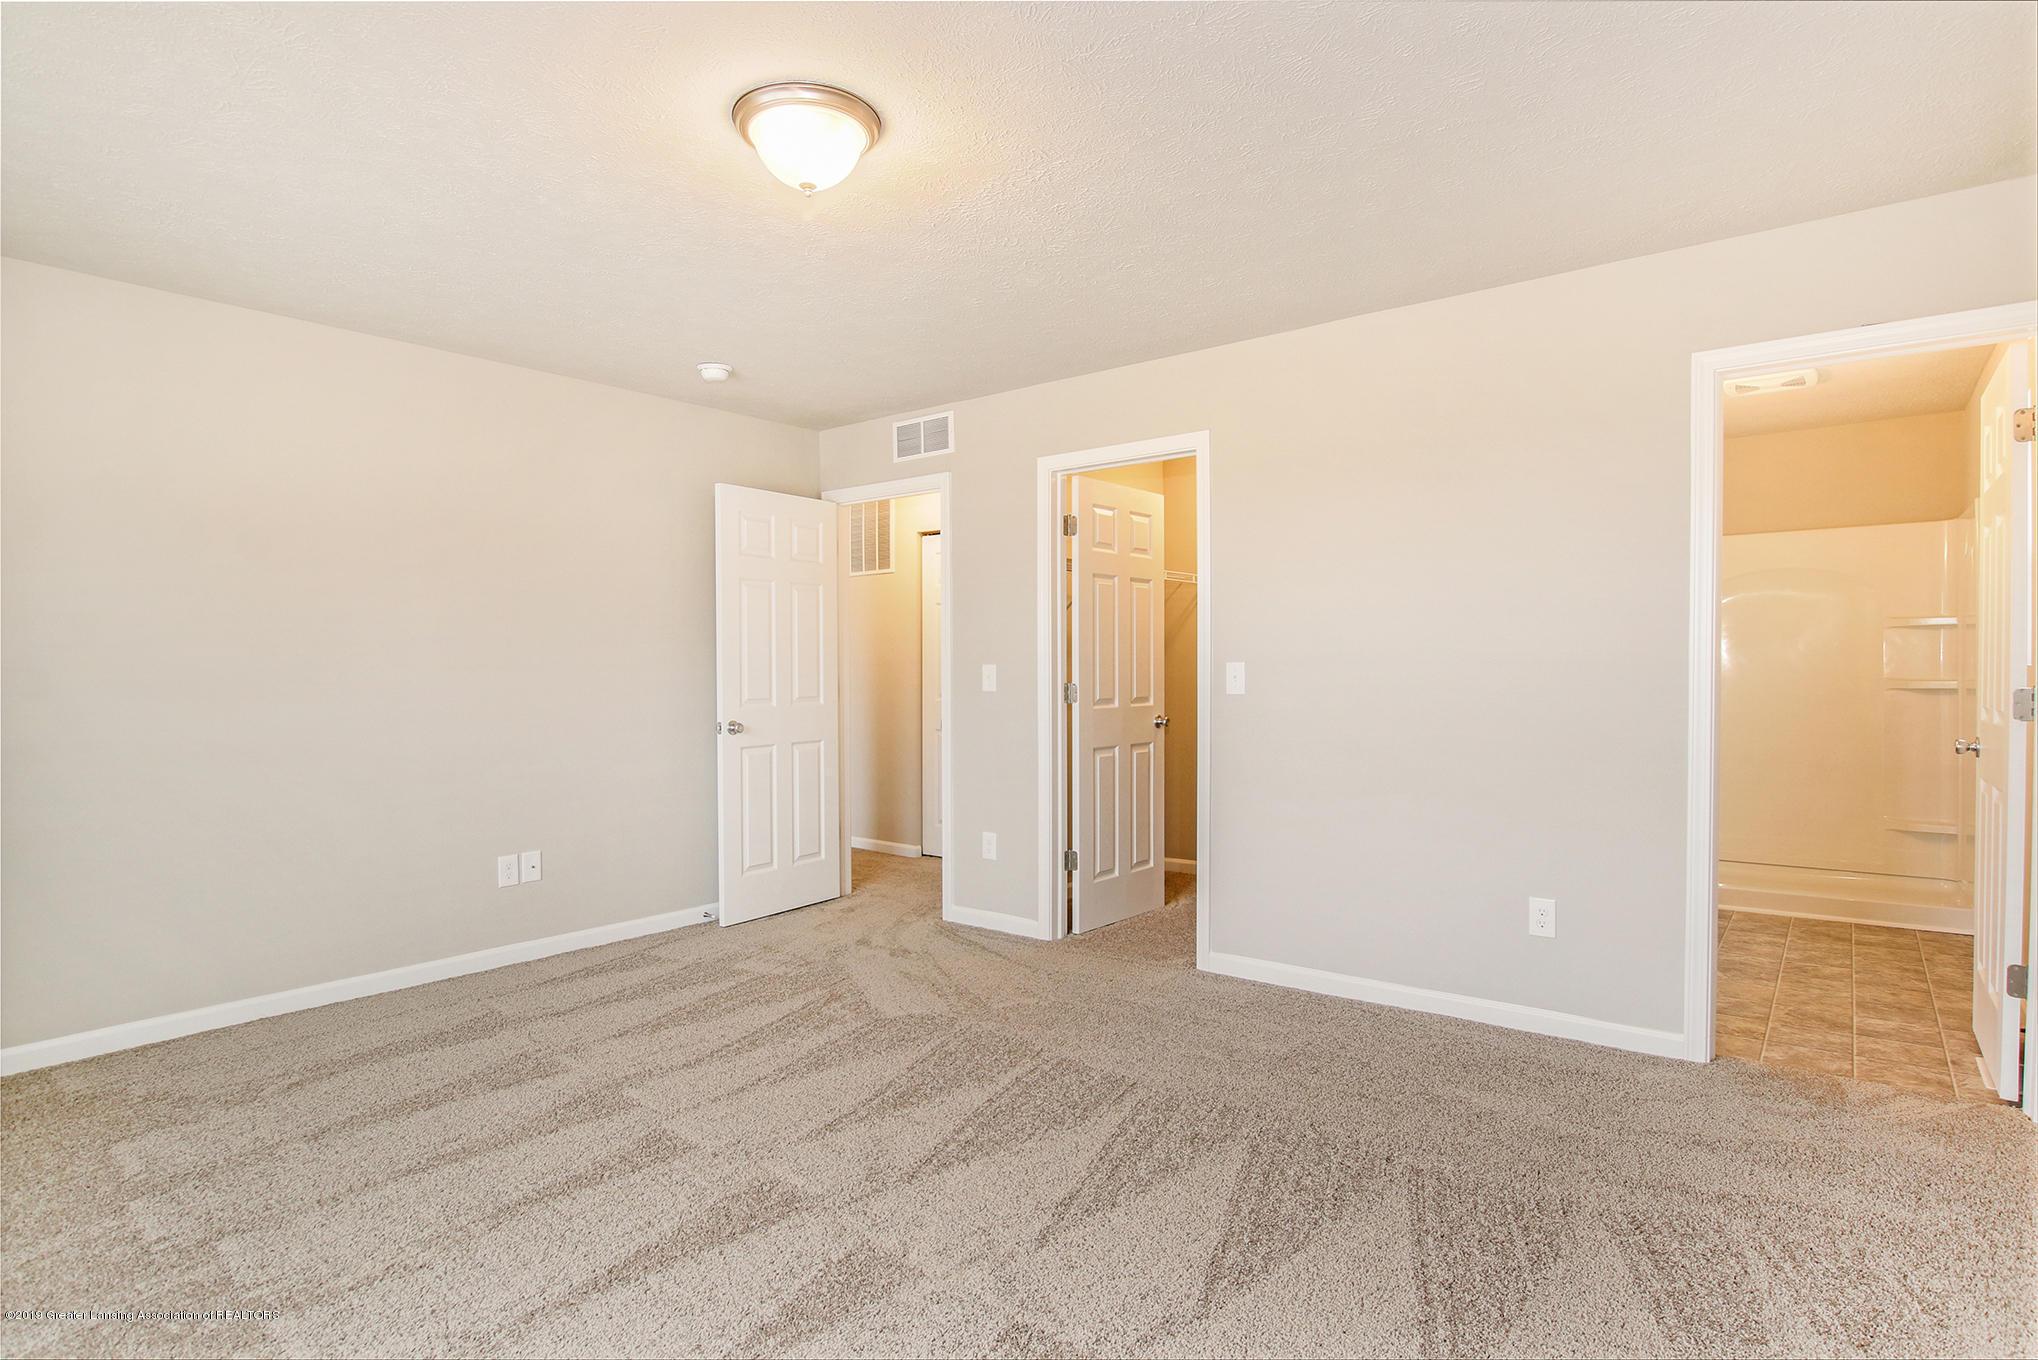 1009 Chesham - MDE023-E1600-Master Bedroom2 - 12